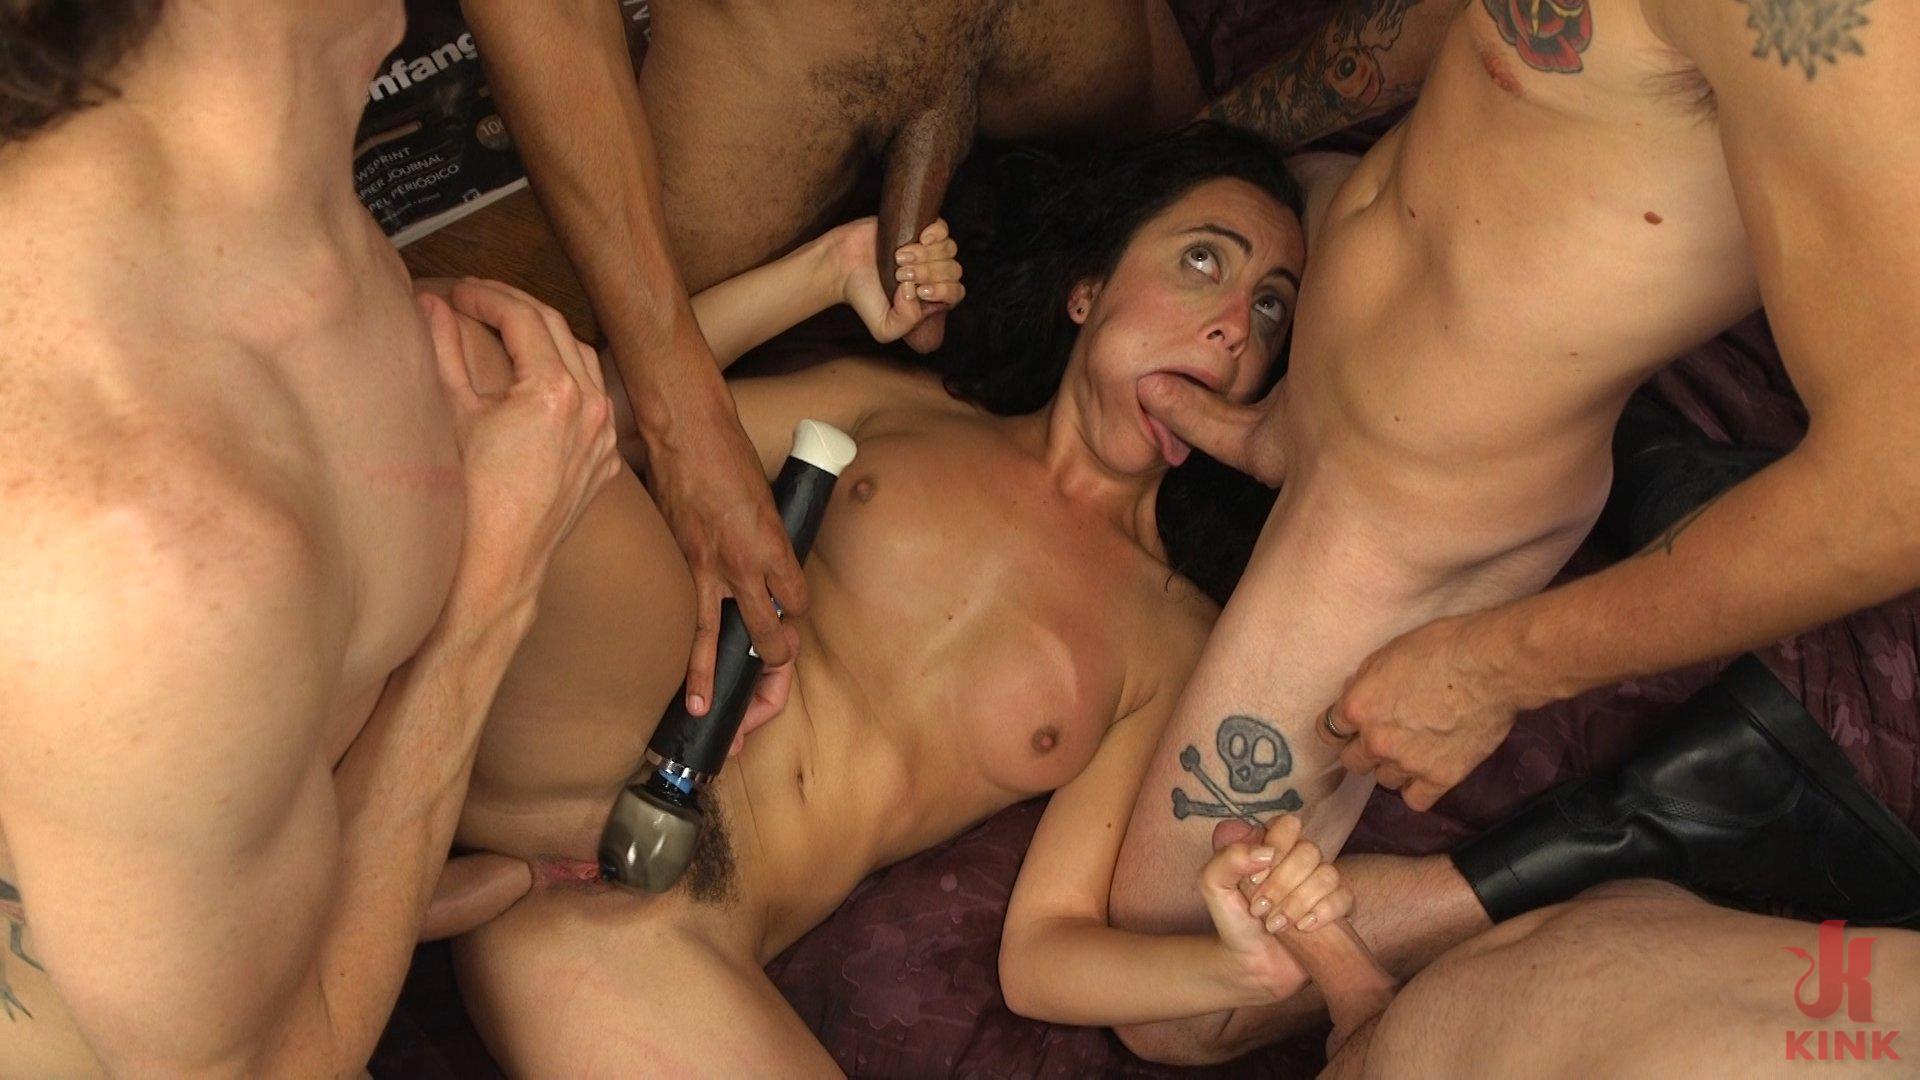 Radha mitchell topless tits